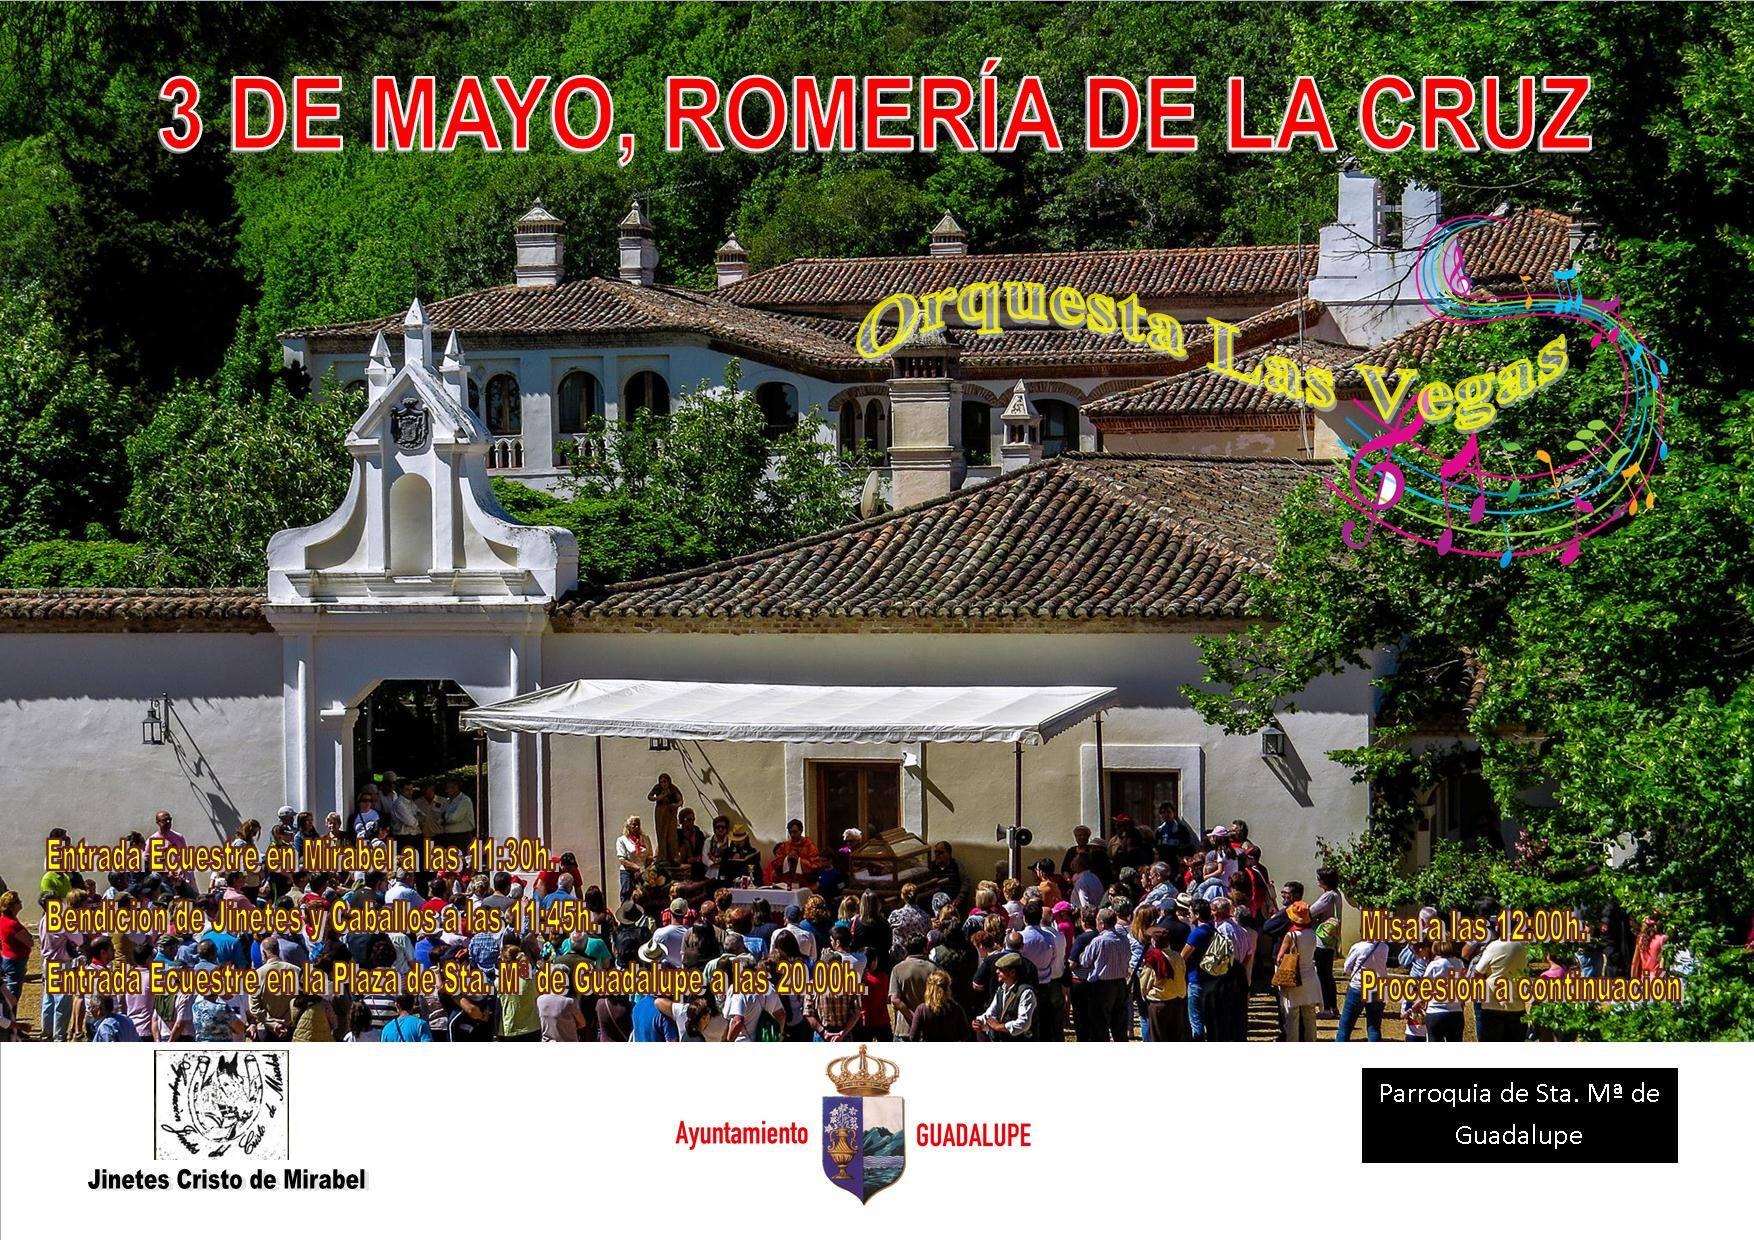 Romería de La Cruz 2017 - Guadalupe